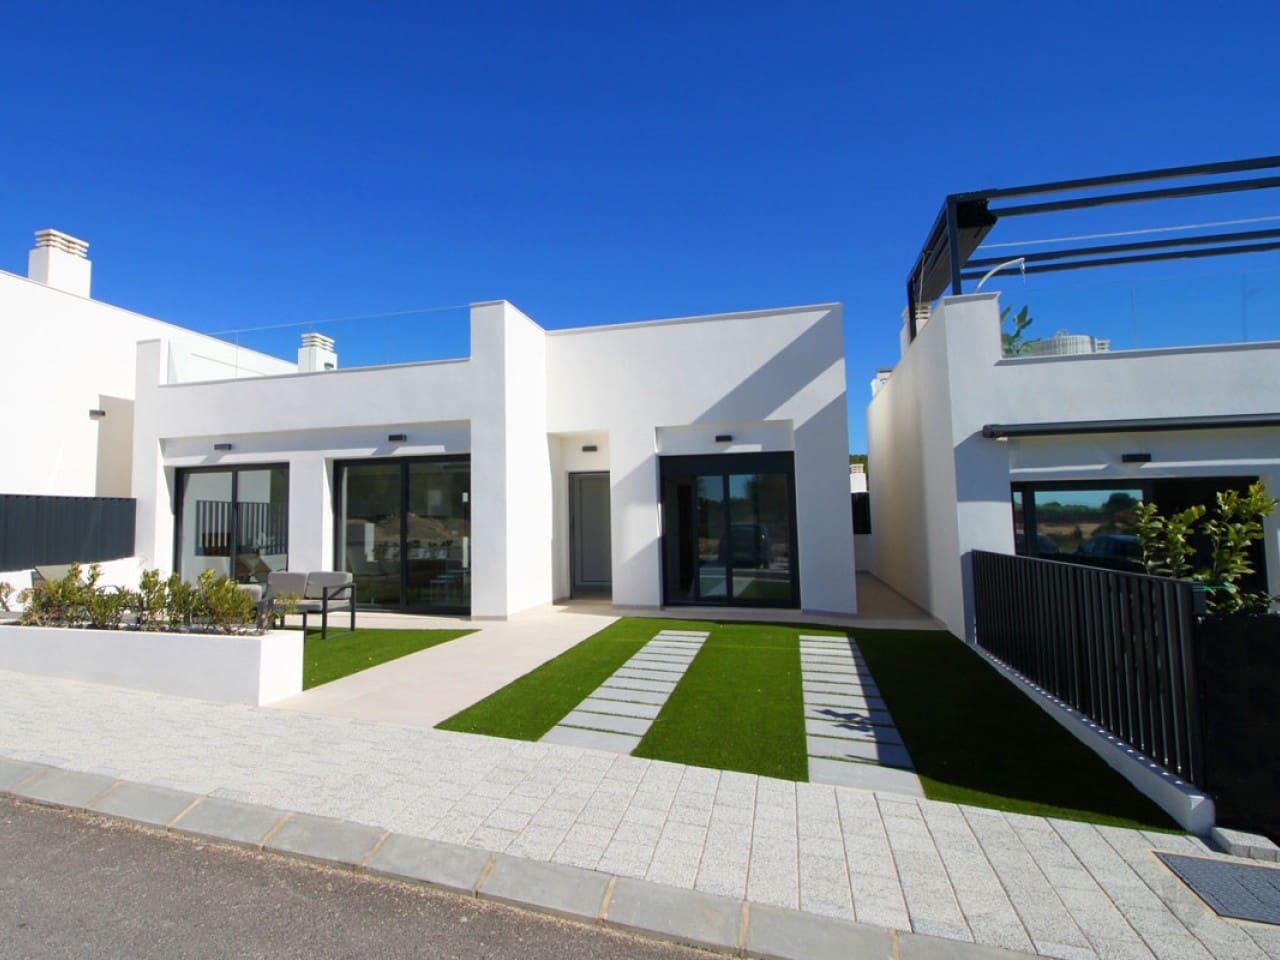 Chalet de 3 habitaciones en Pilar de la Horadada en venta con piscina - 230.900 € (Ref: 4982838)